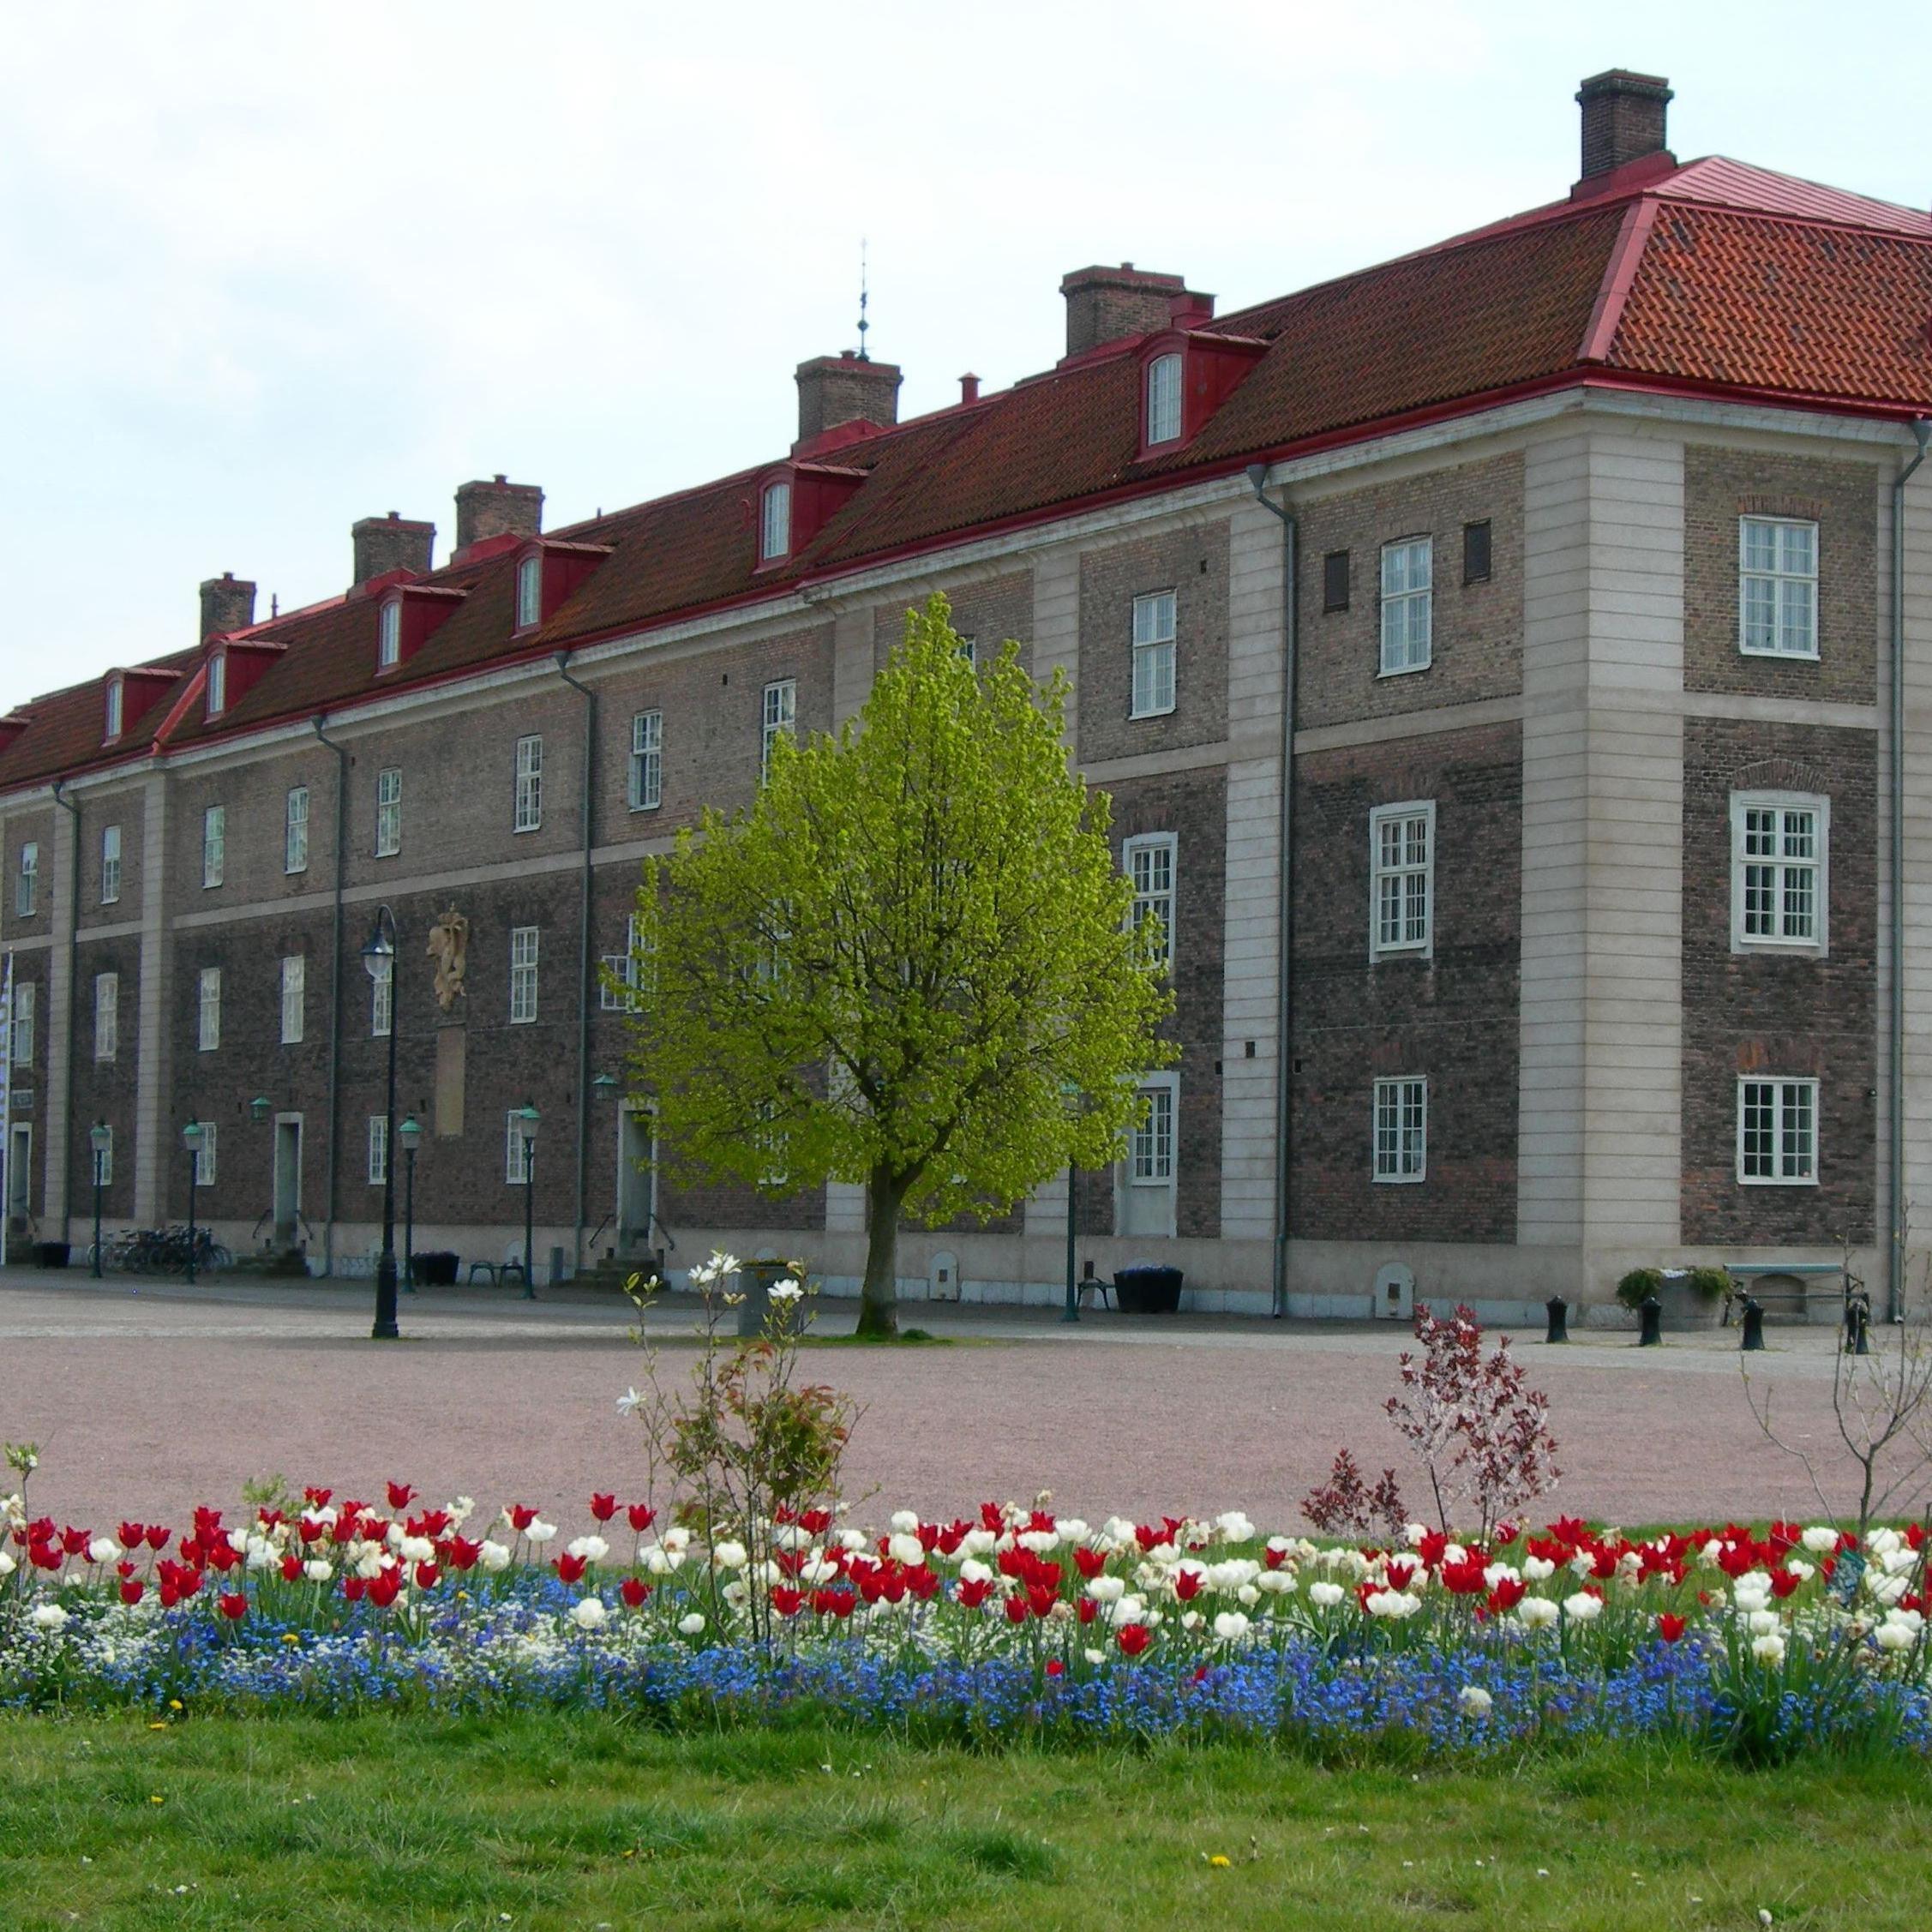 Foto: Landskrona stad, Kasernenplatz und Museum Landskrona